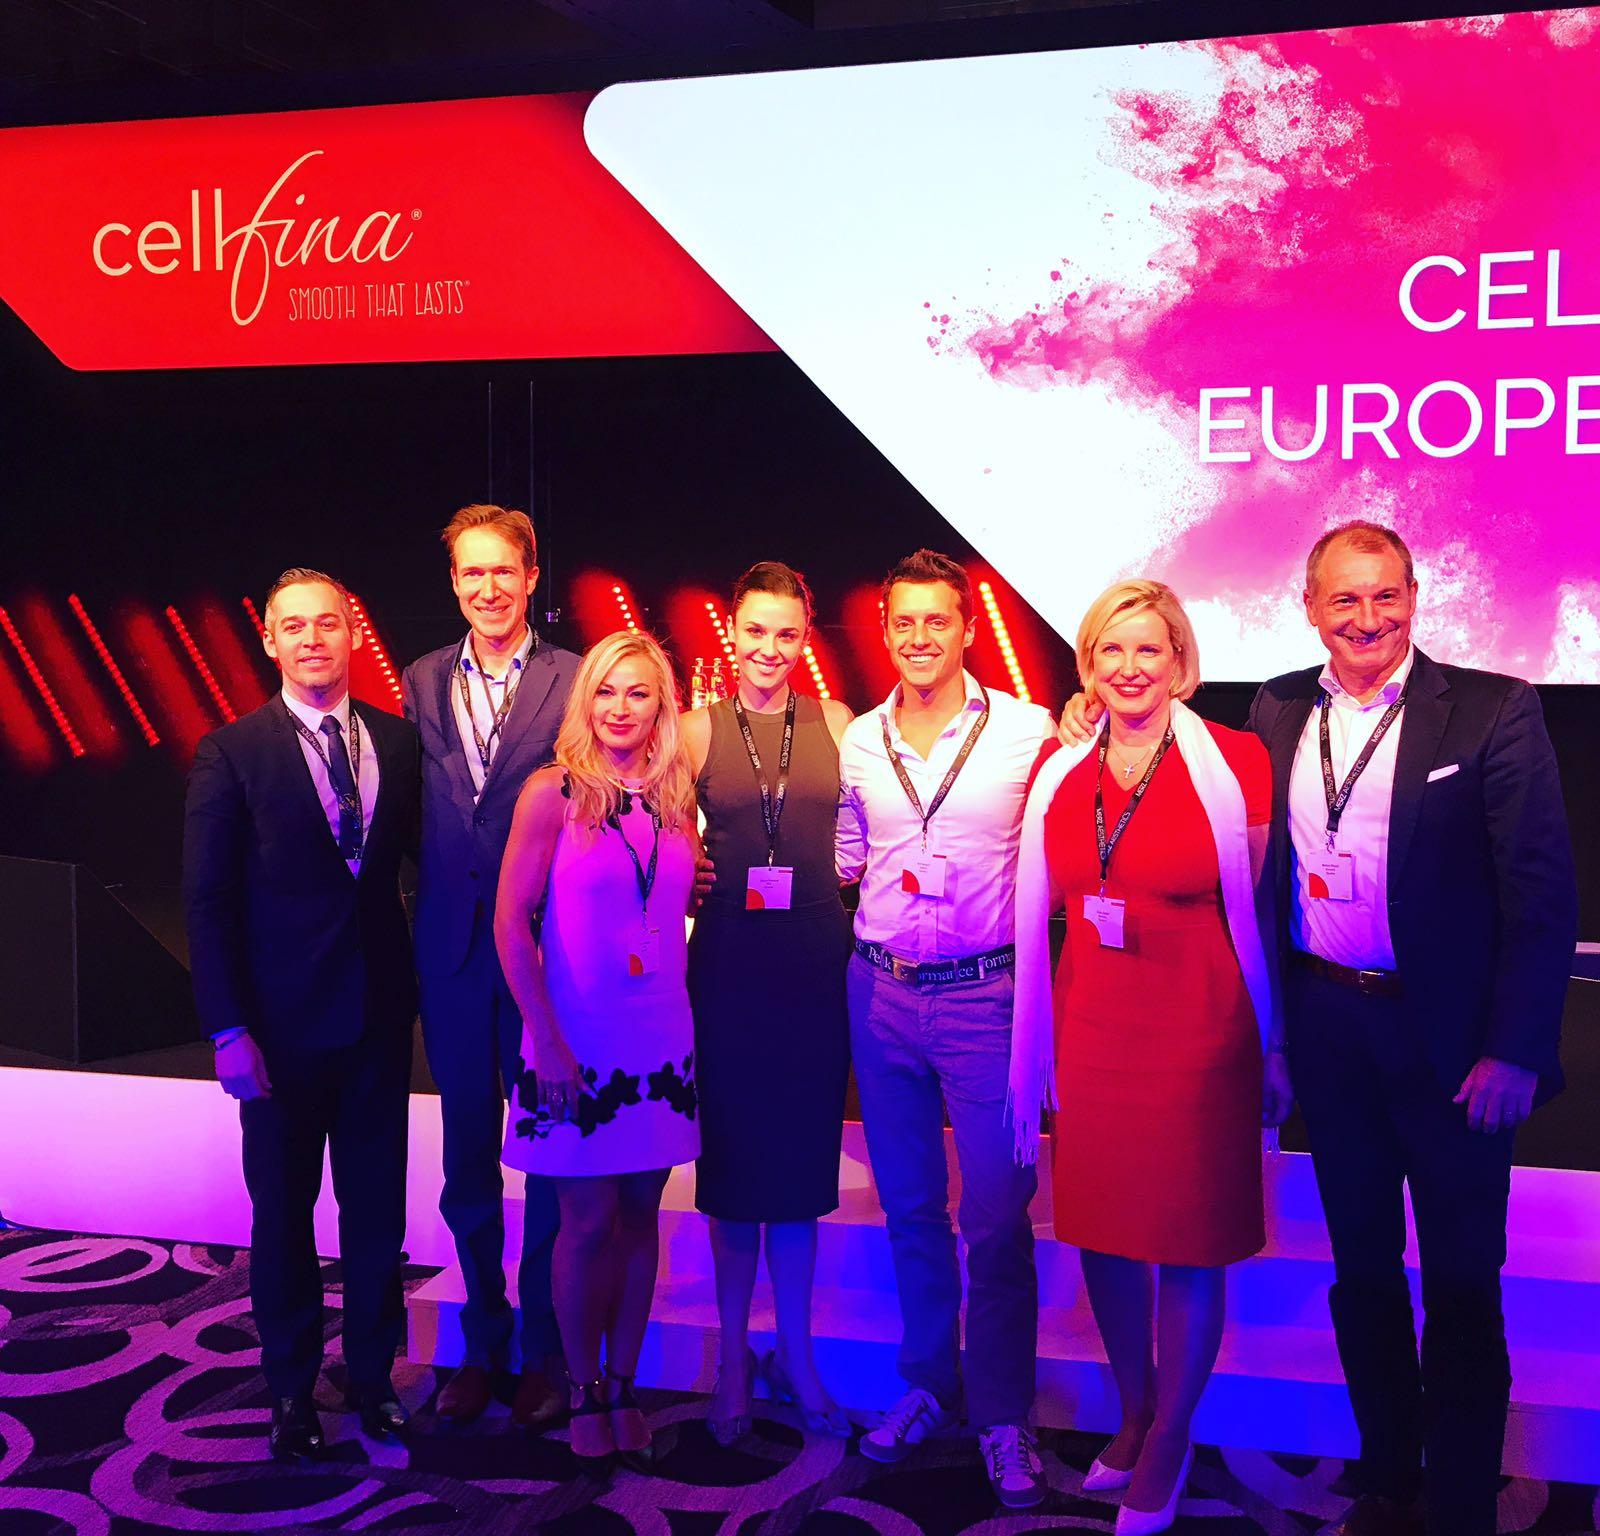 SDr. Rolf Bartsch Cellfina Launch Europa Mainz 2017